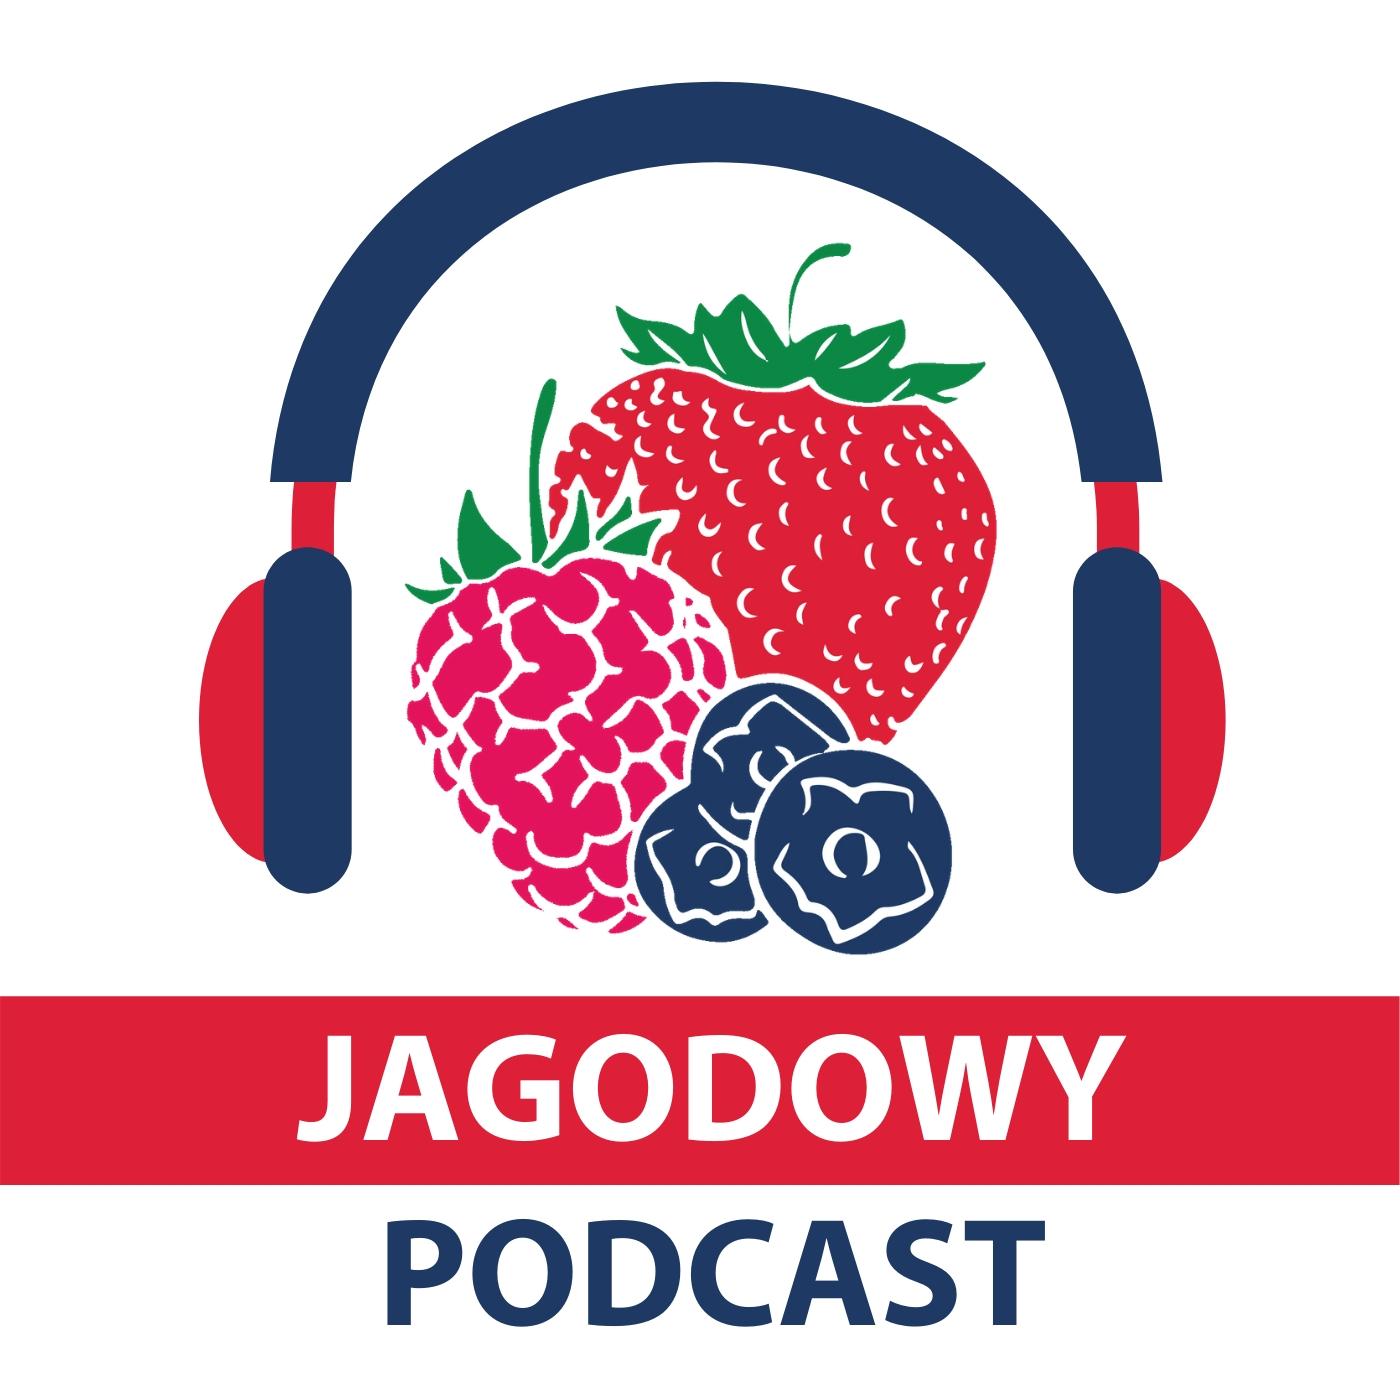 To jest okładka Jagodowego Podcastu